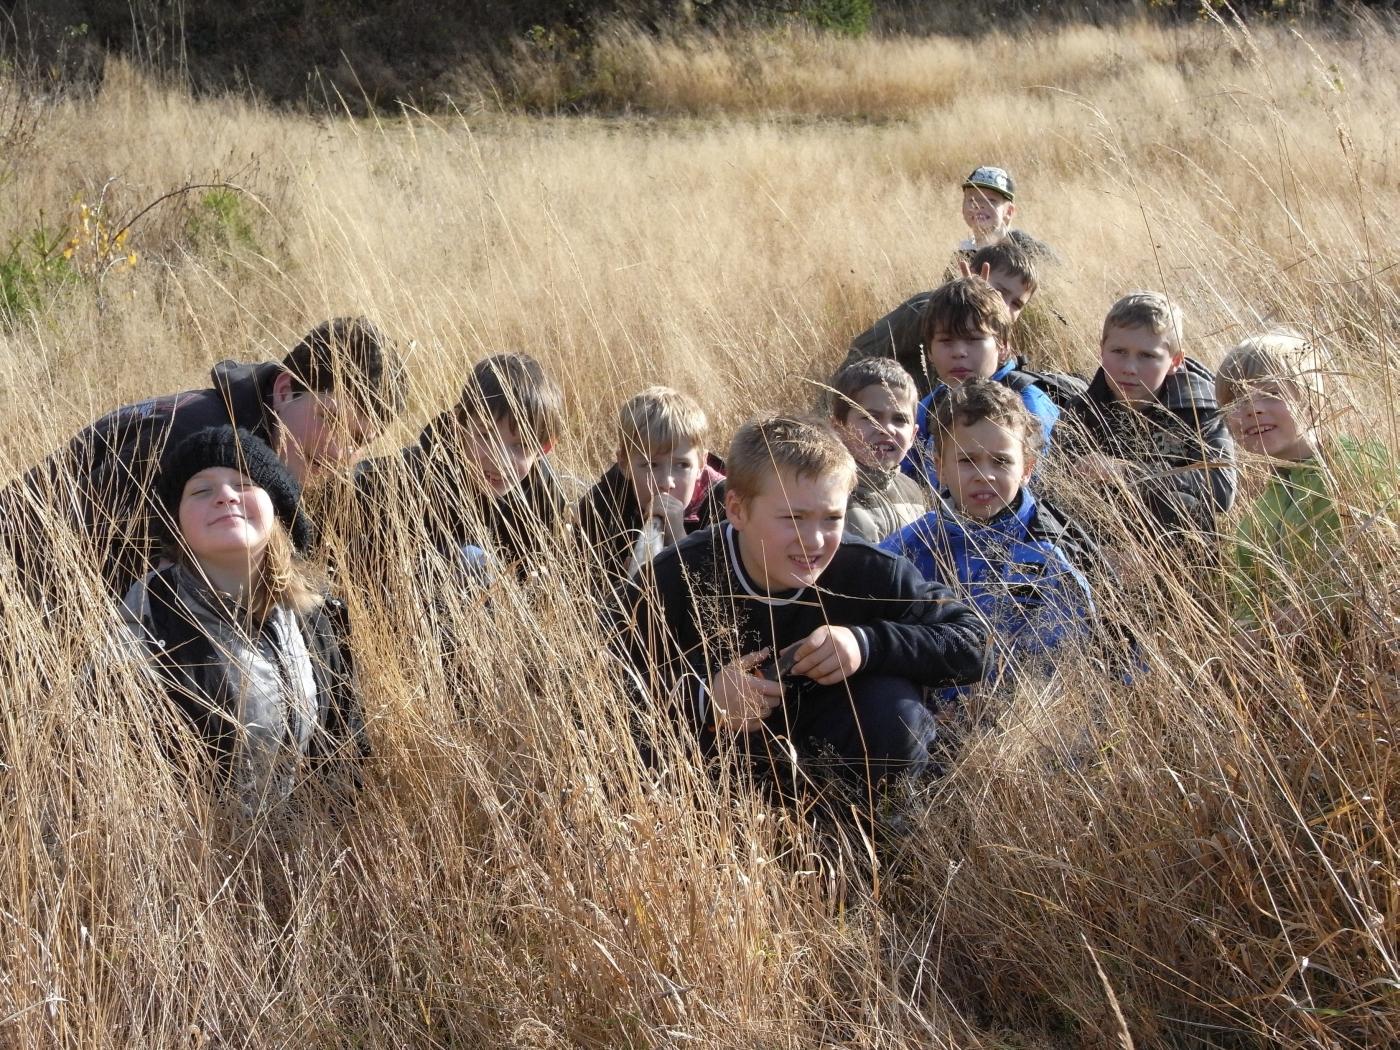 Miriquidi-Herbstcamp – Natur-Ferienlager für Kinder und Jugendliche